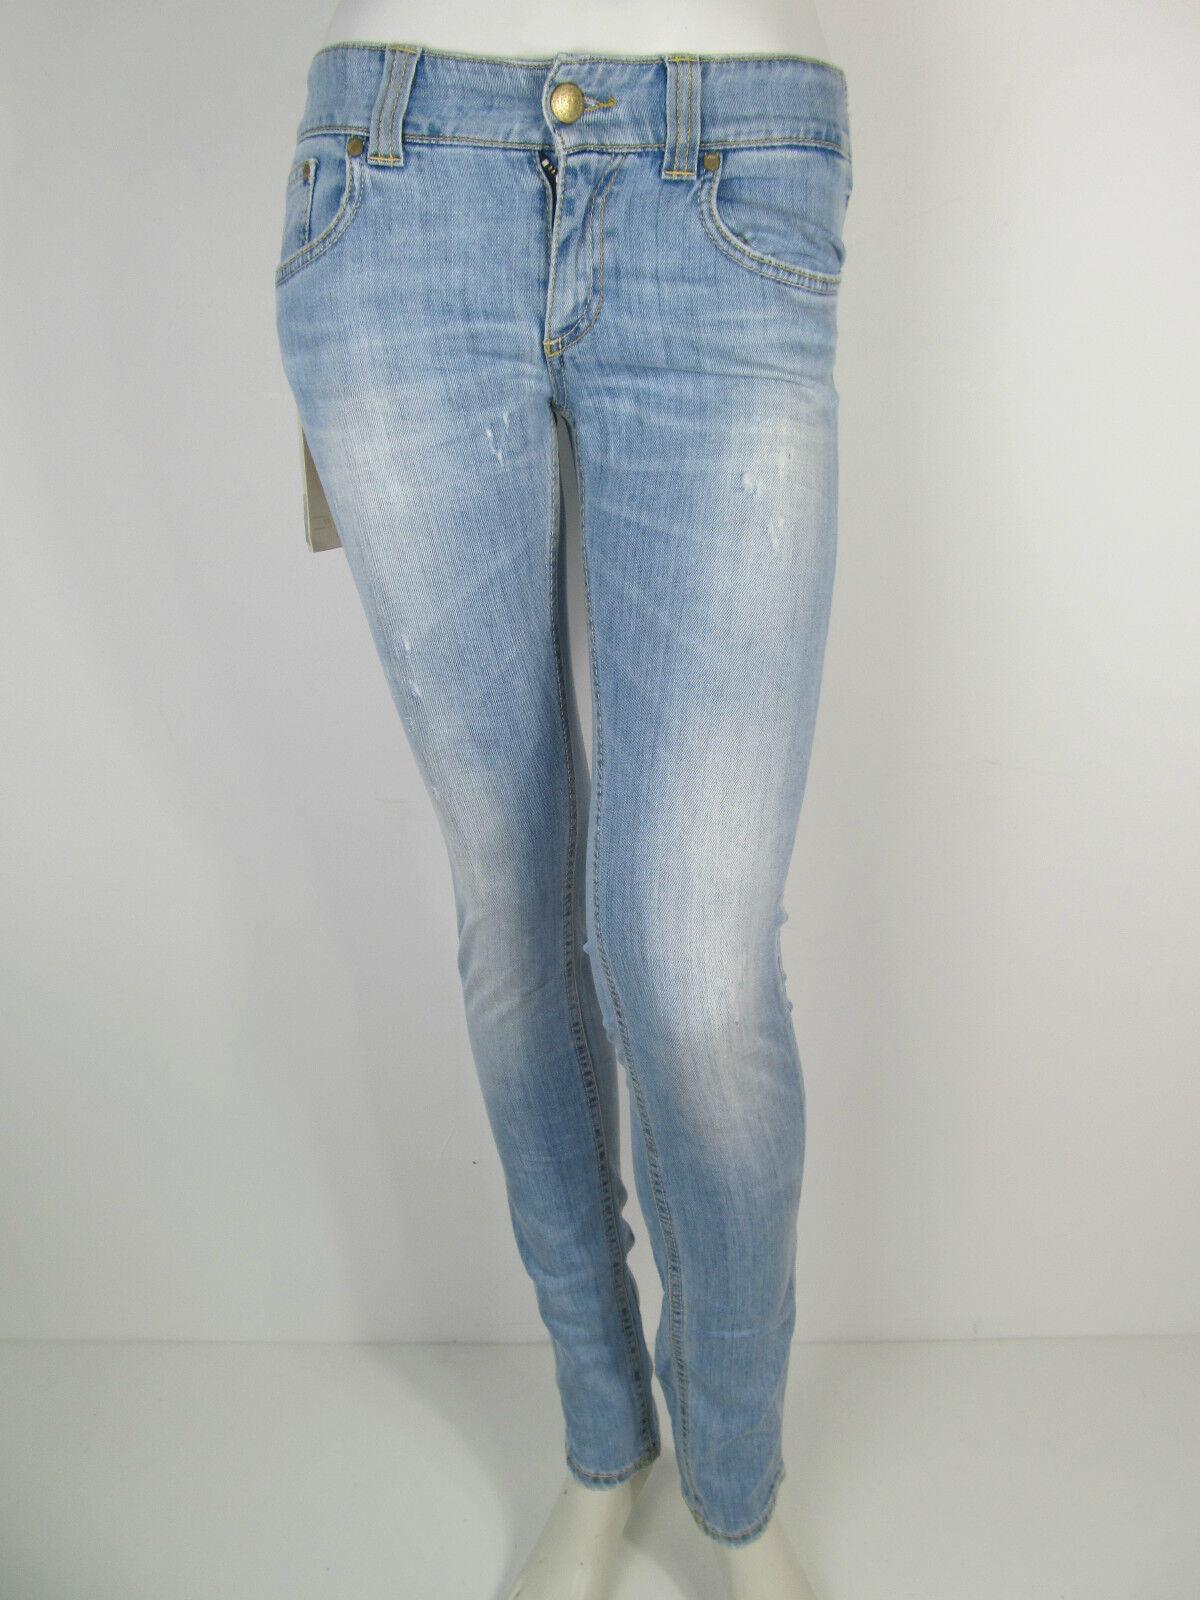 Dondup Hose Denim Jeans Hose P696 Pantalone Samoa Ines blue Neu